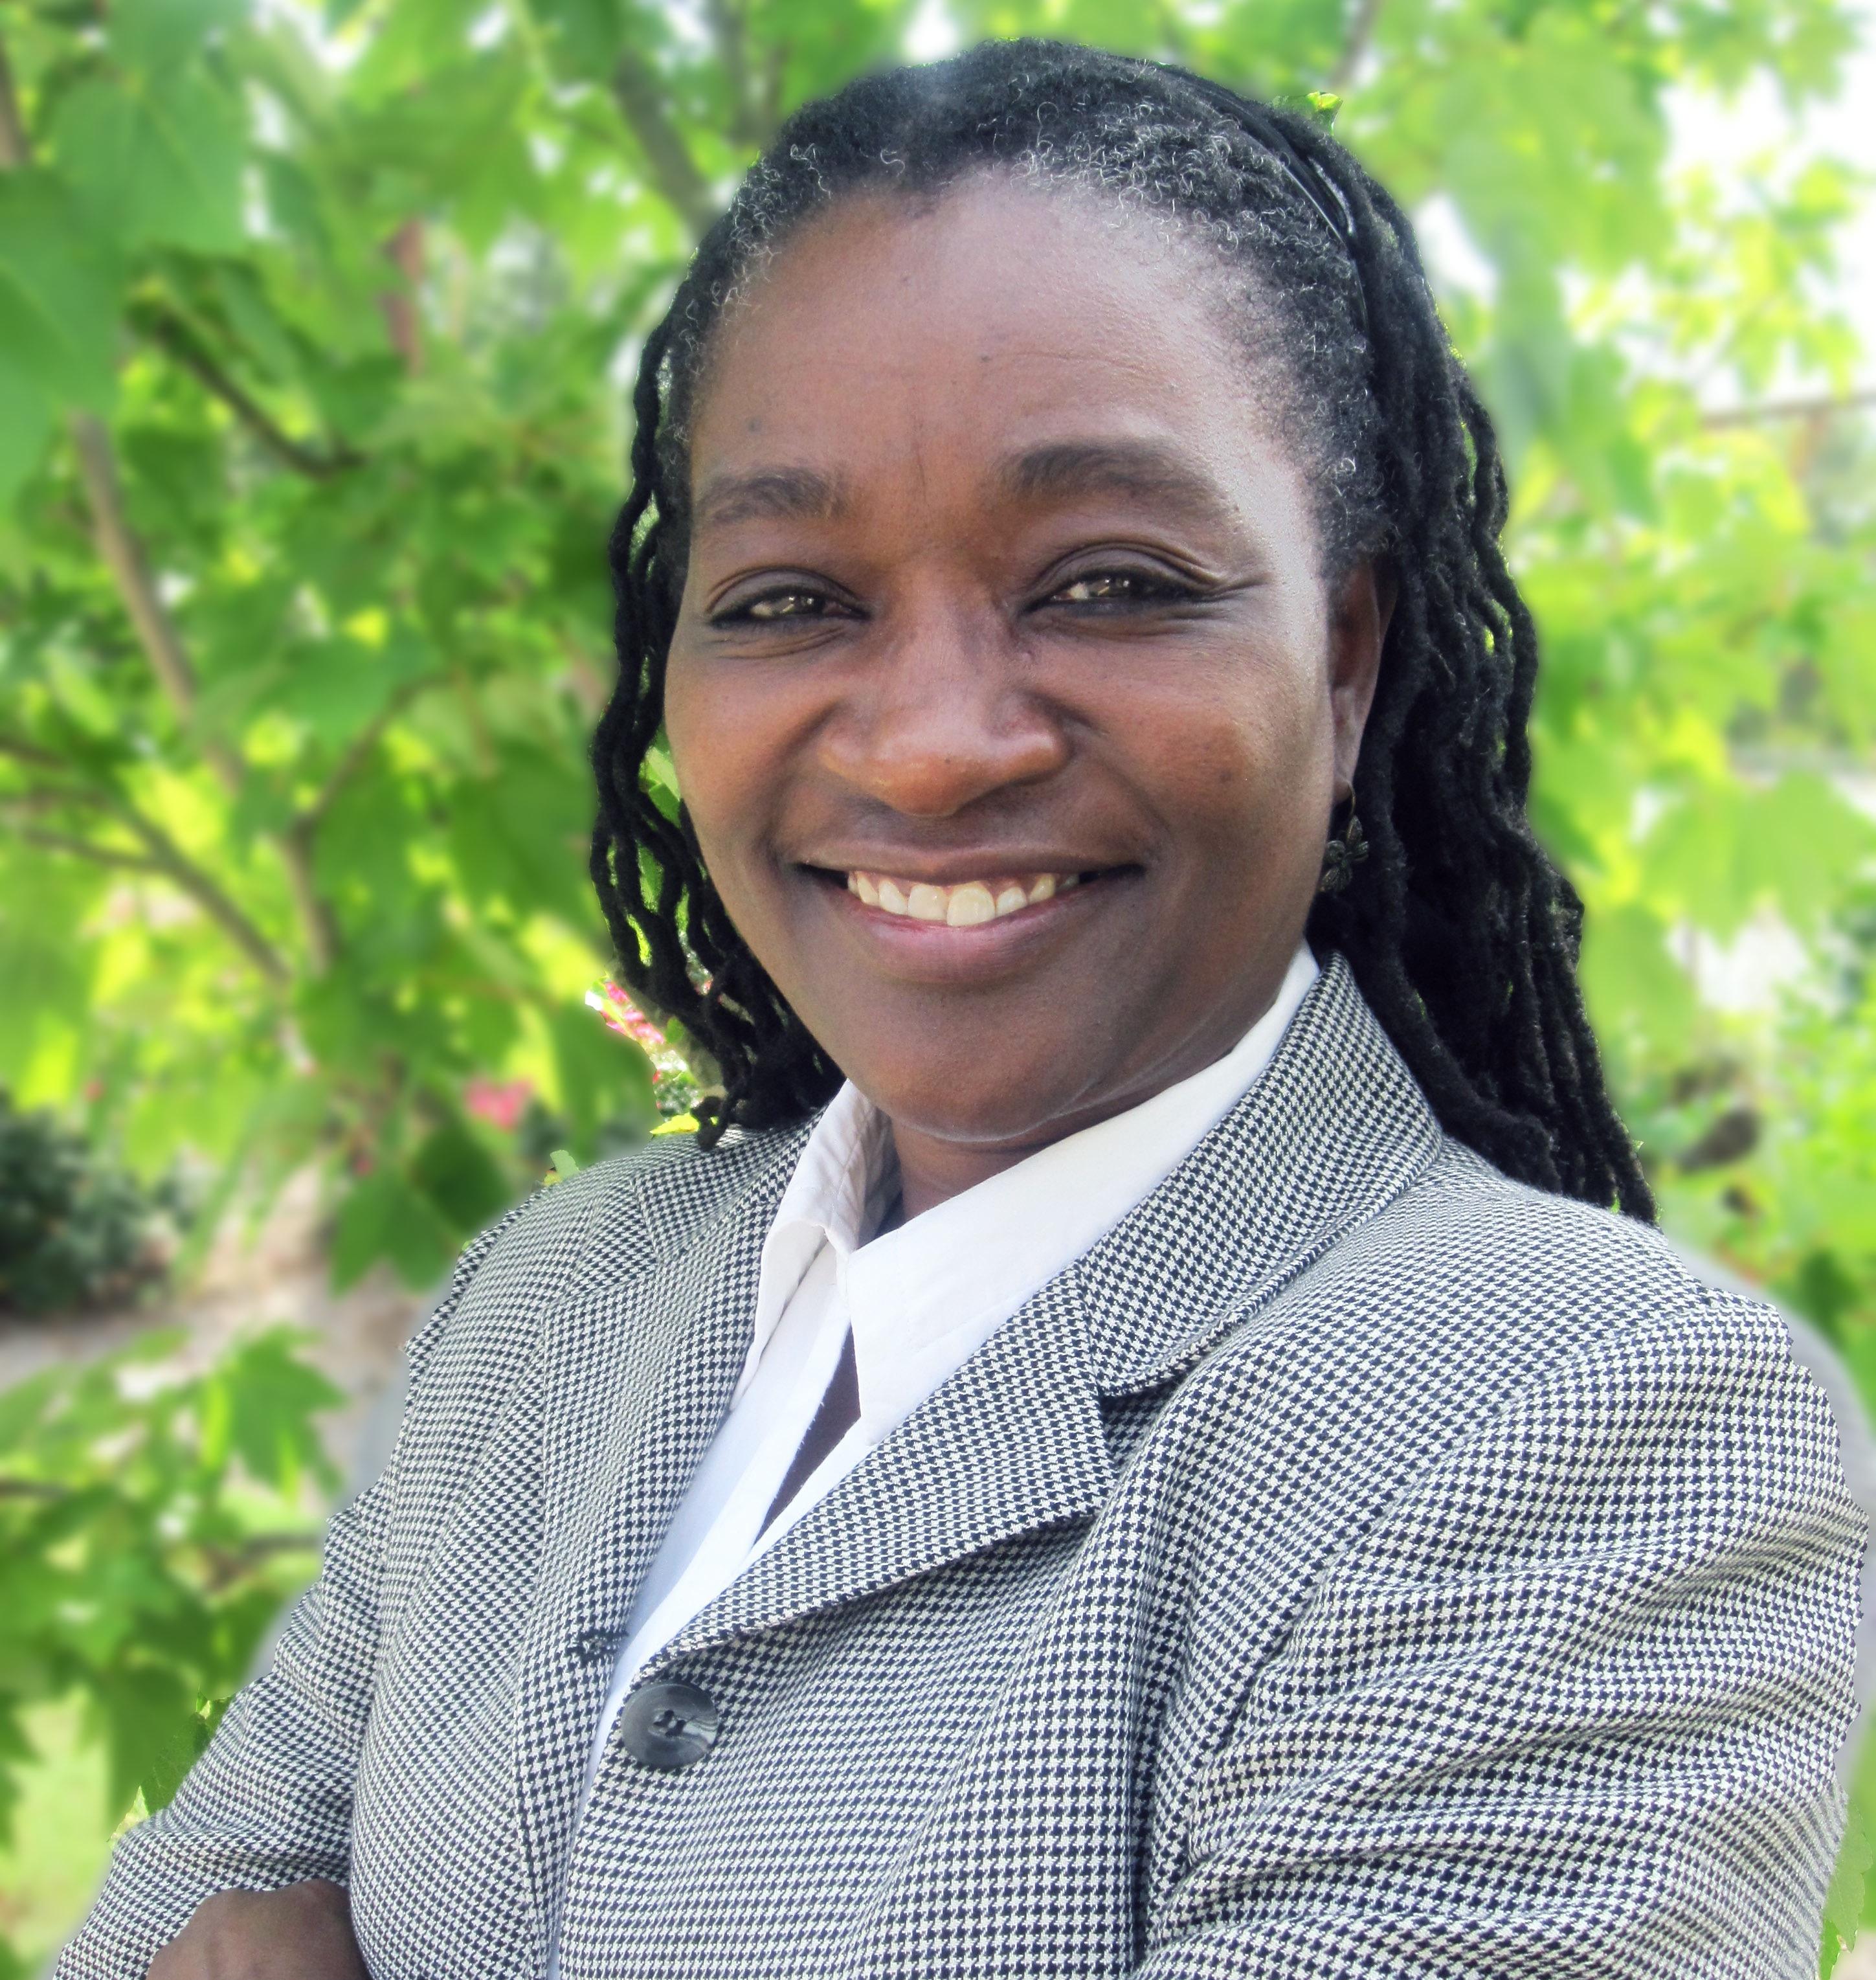 Maritza Collins, Executive Assistant